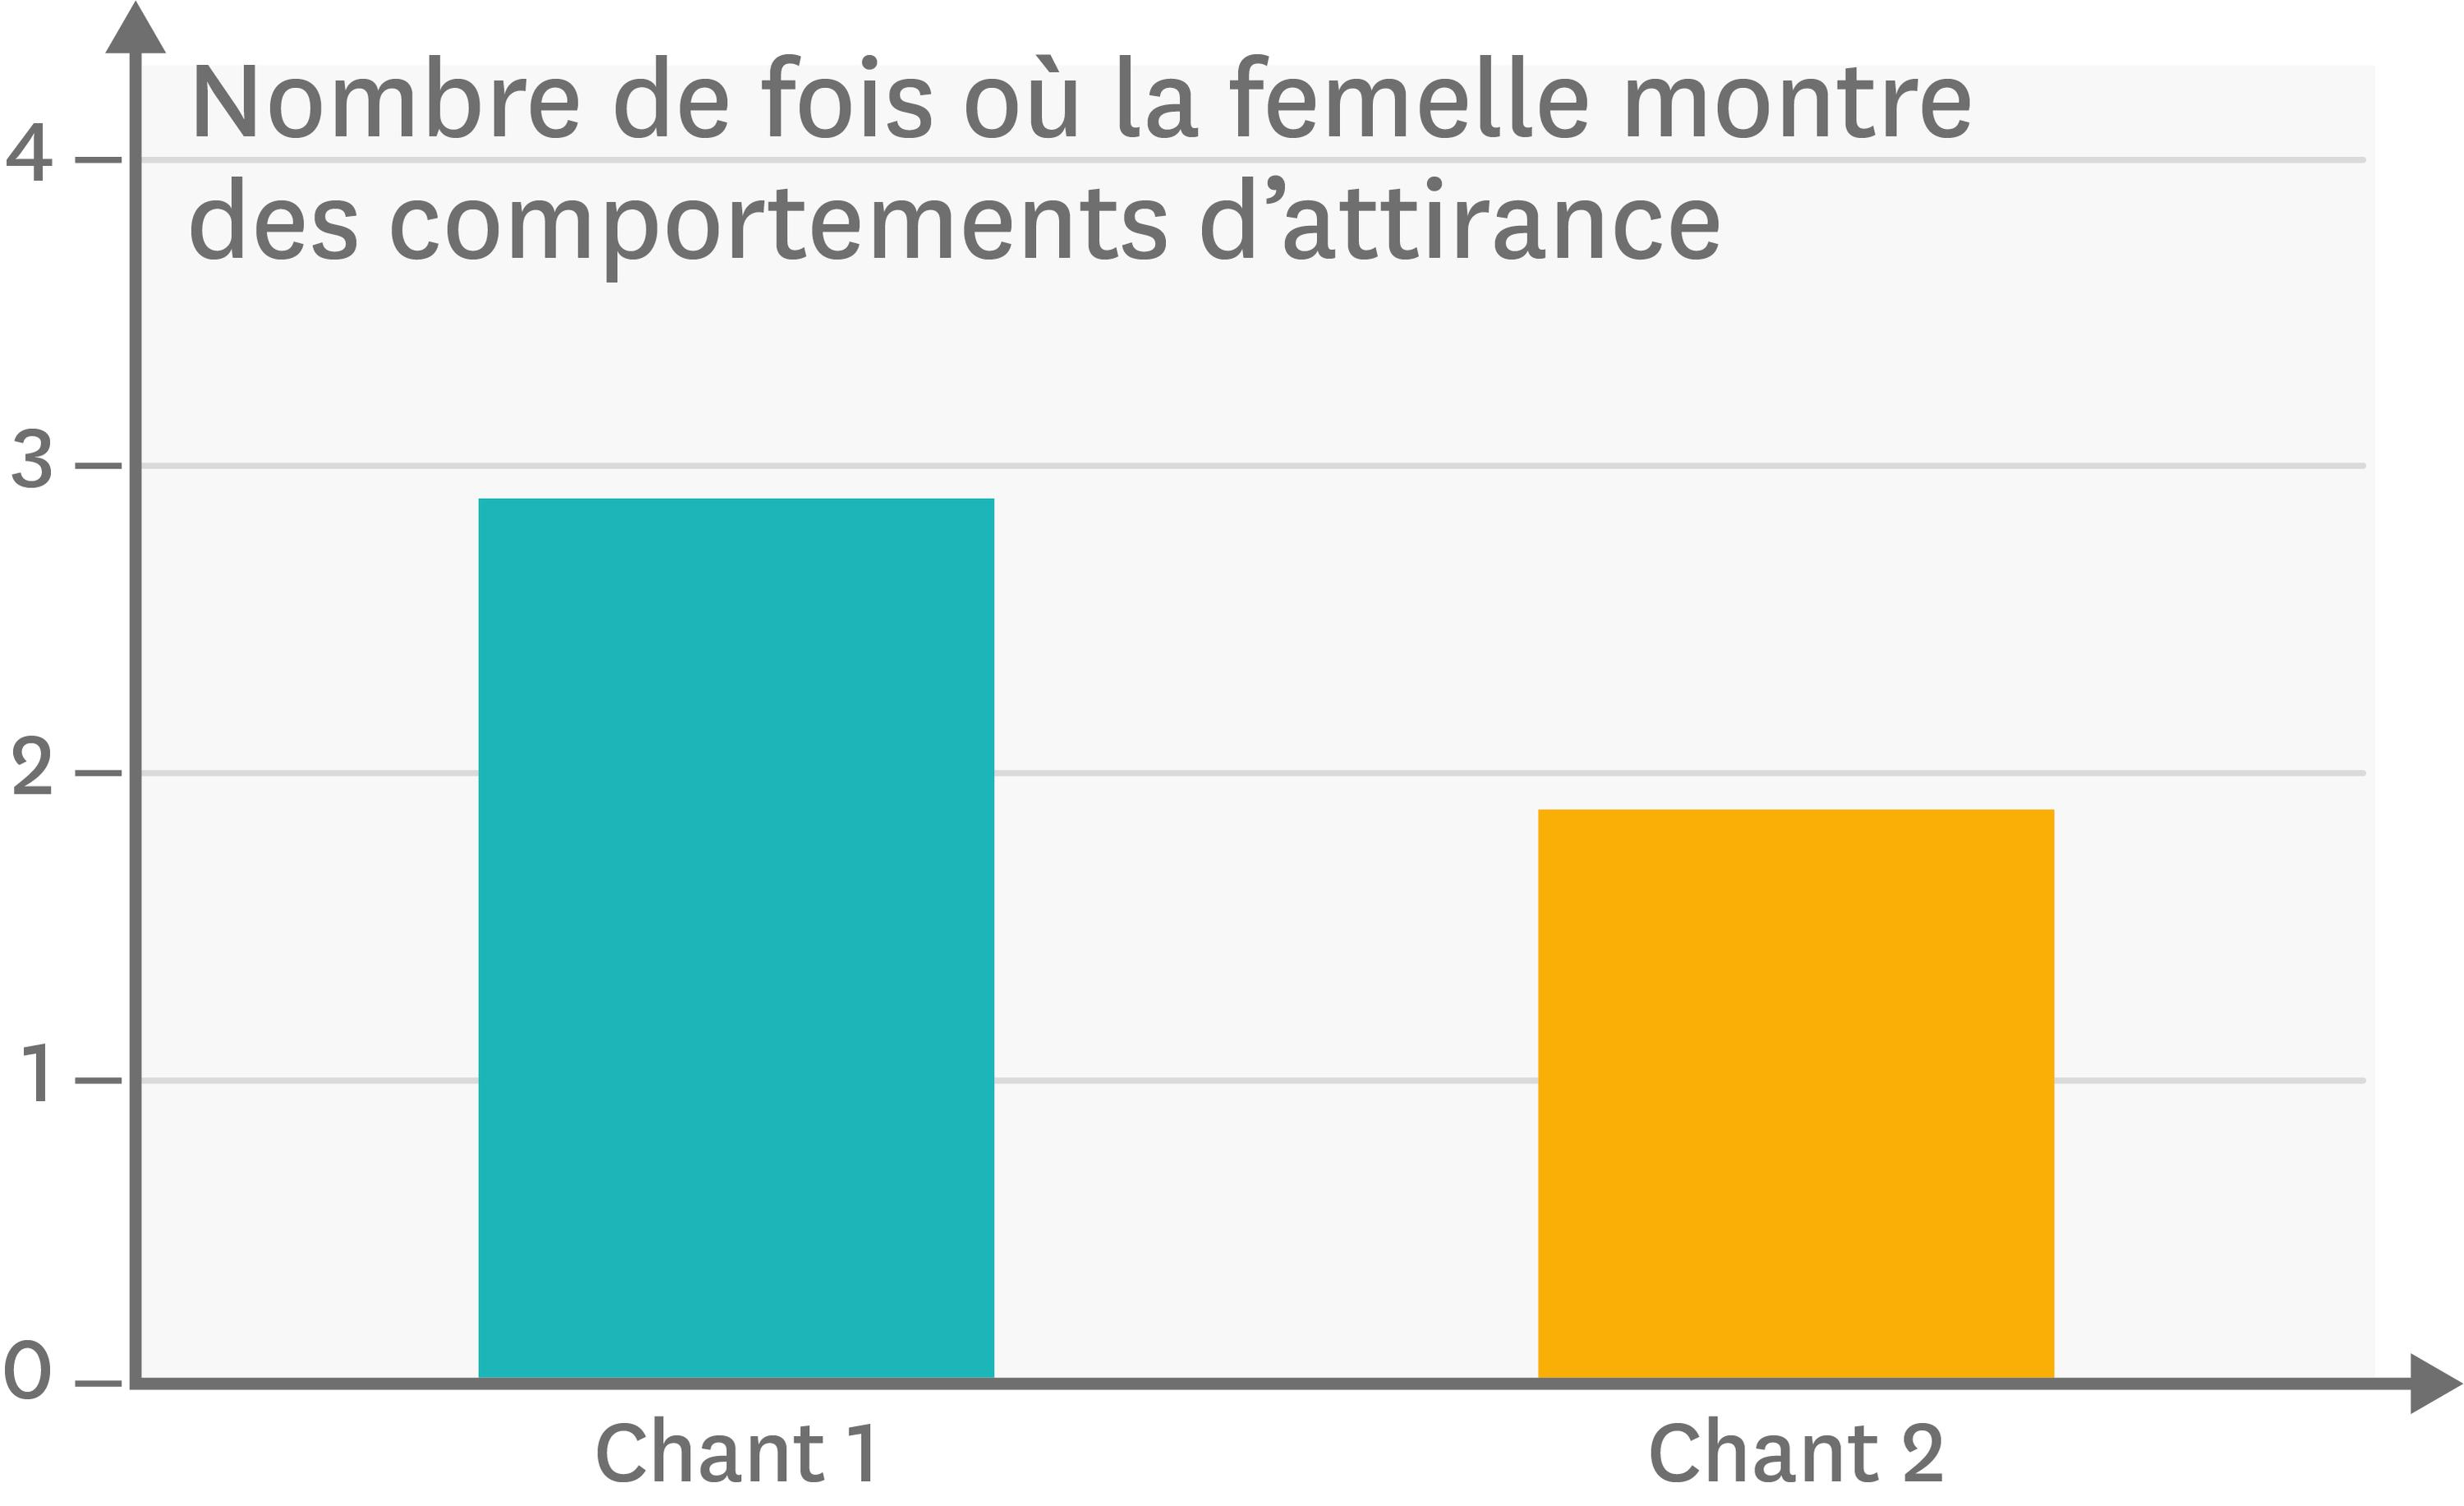 Deux types de chants chez des mâles canaris différents et leurs effets sur l'attirance des femelles.